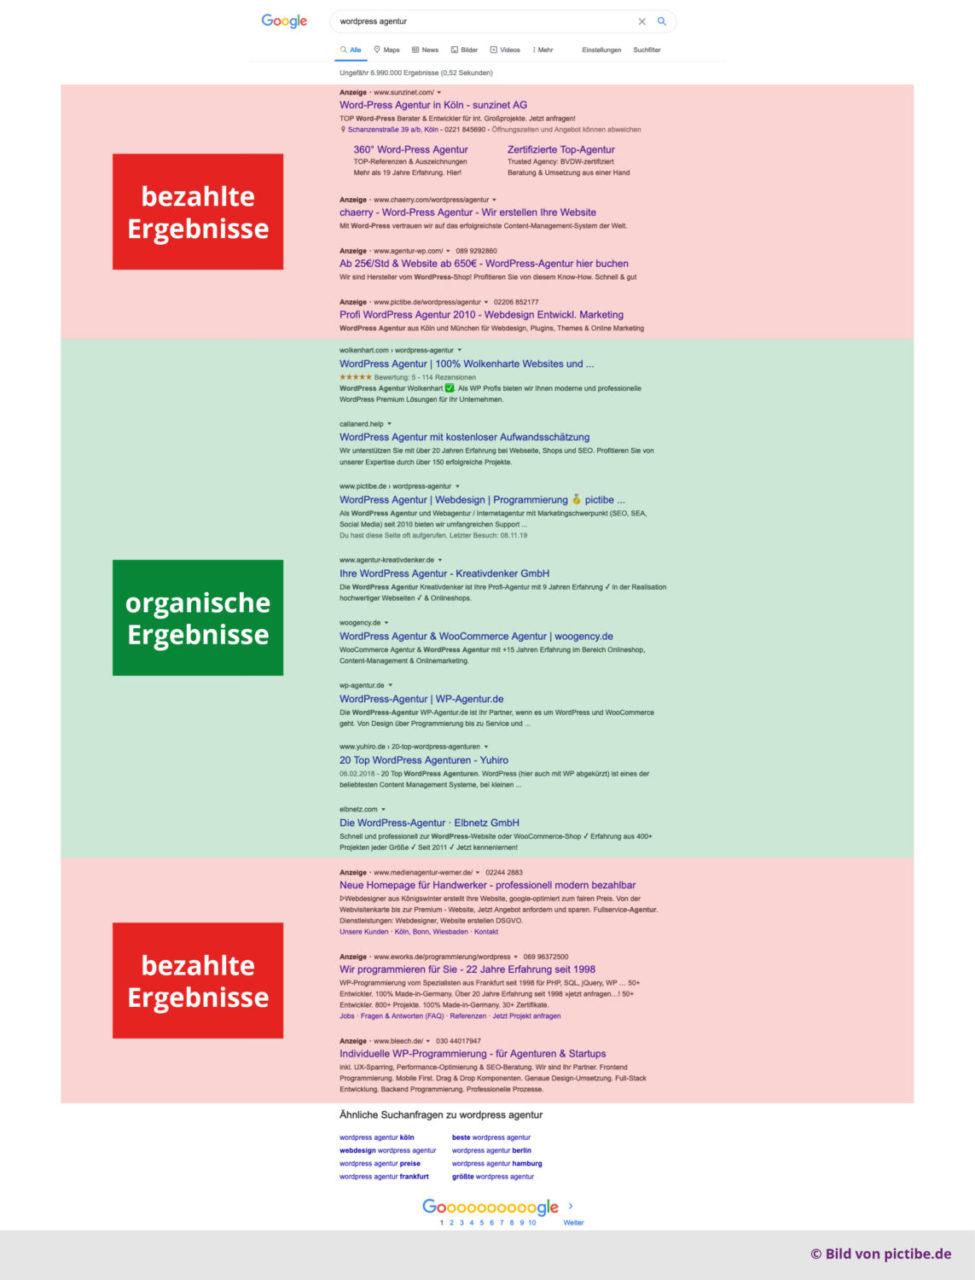 Vergleich Seo Vs Sea Ppc Suchmaschinenoptimierung Suchmaschinenwerbung Suchmaschinenmarketing Vorteile Nachteile